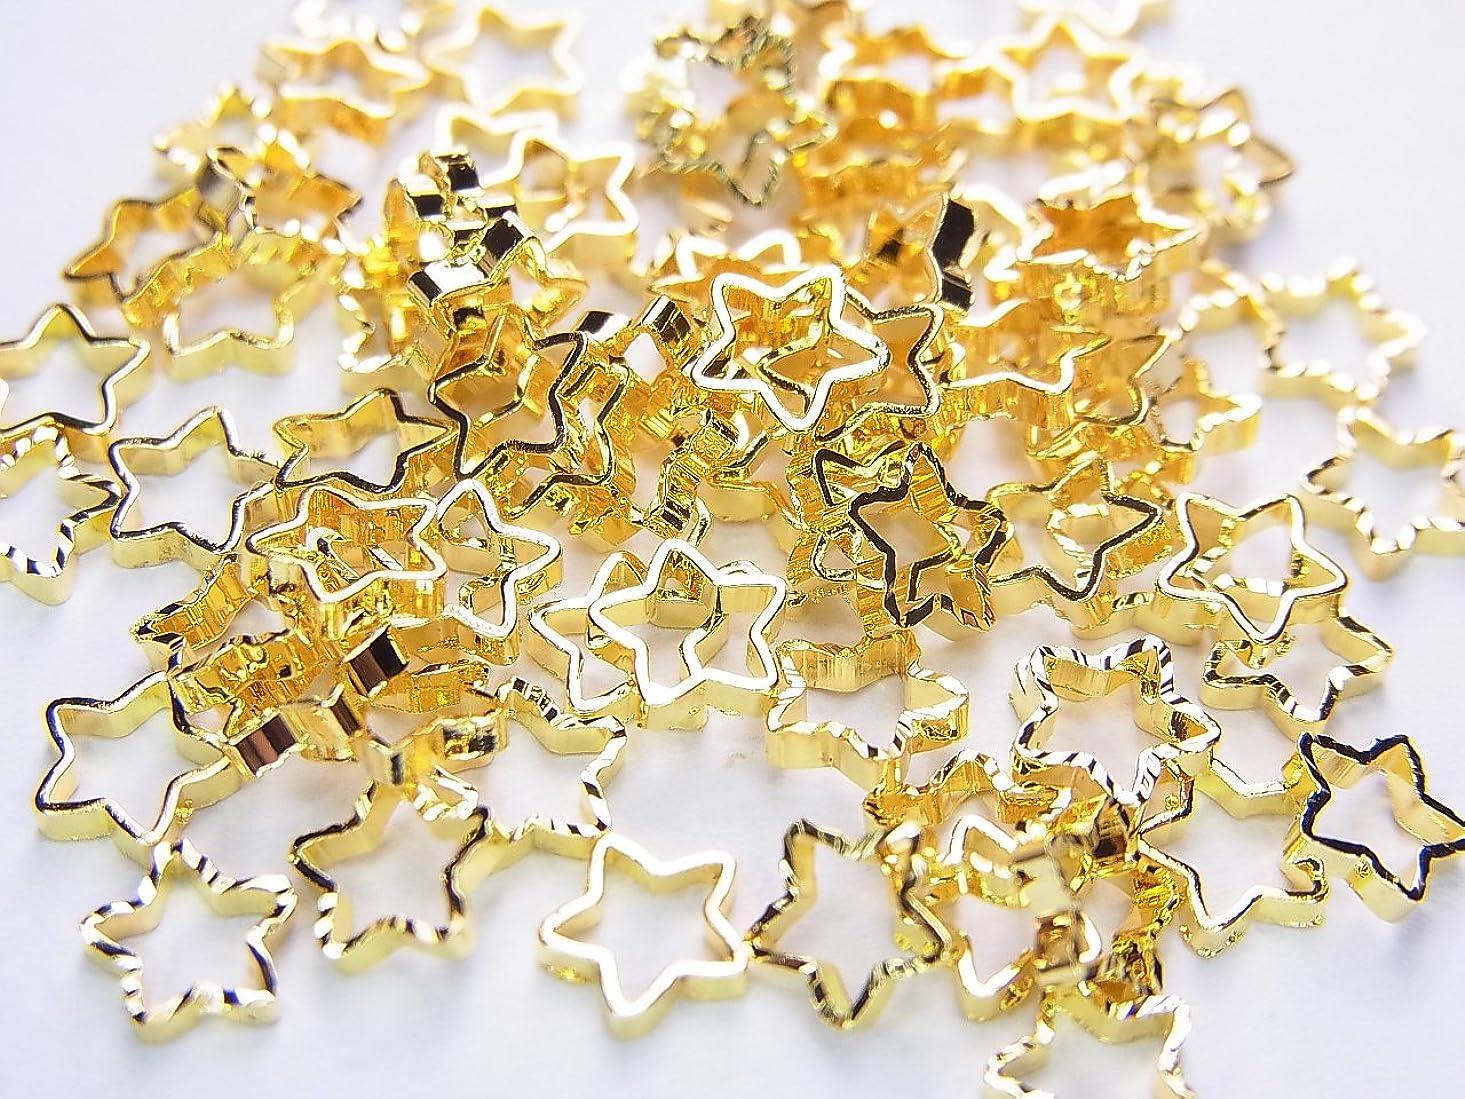 軽蔑する鎮痛剤スナッチ【jewel】ネイルパーツ ゴールド スター 10個 星形 金属パーツ